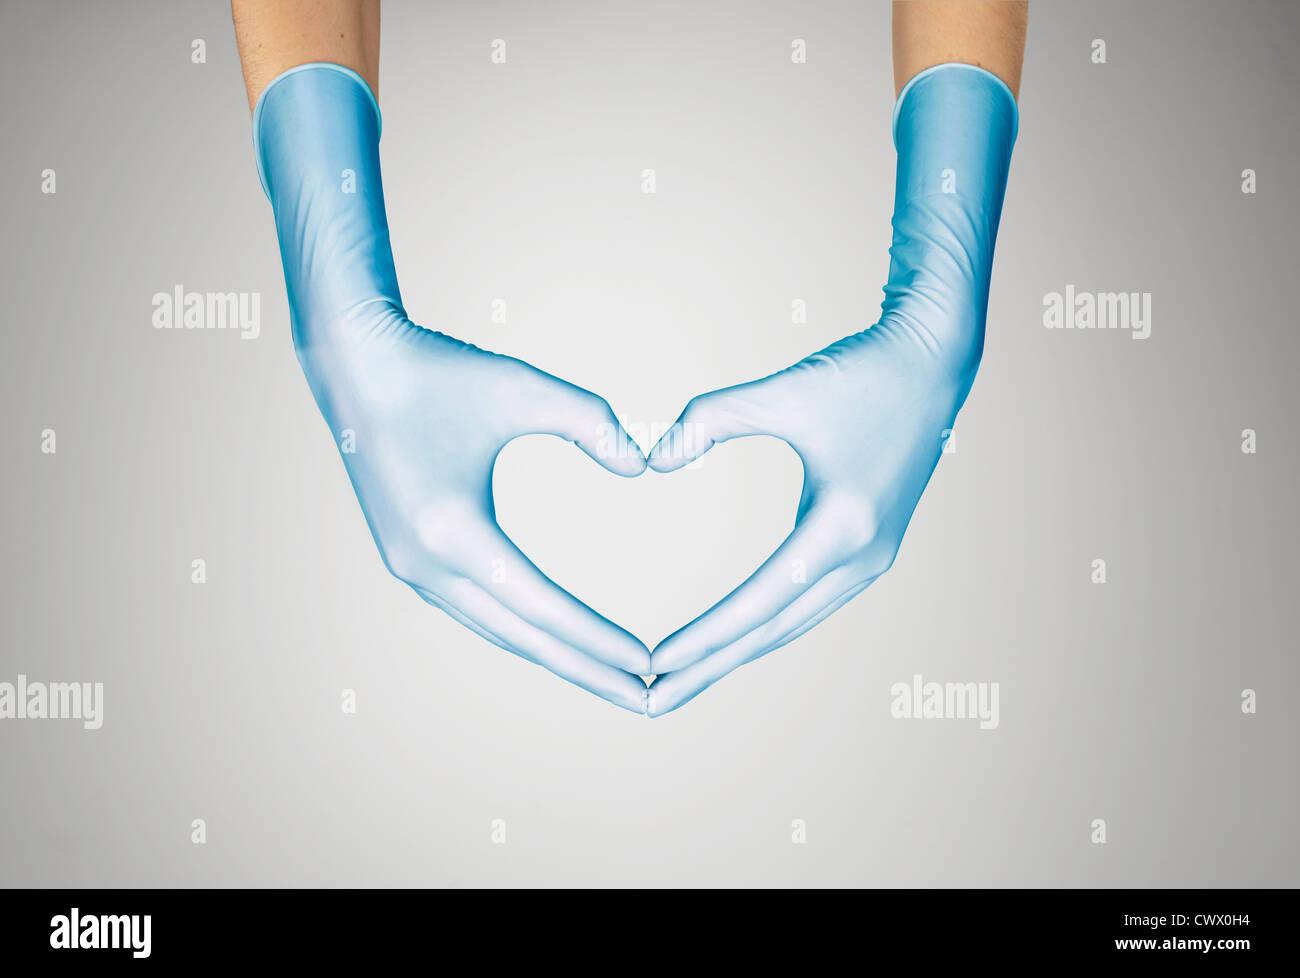 Manos enguantadas haciendo forma corazón Imagen De Stock